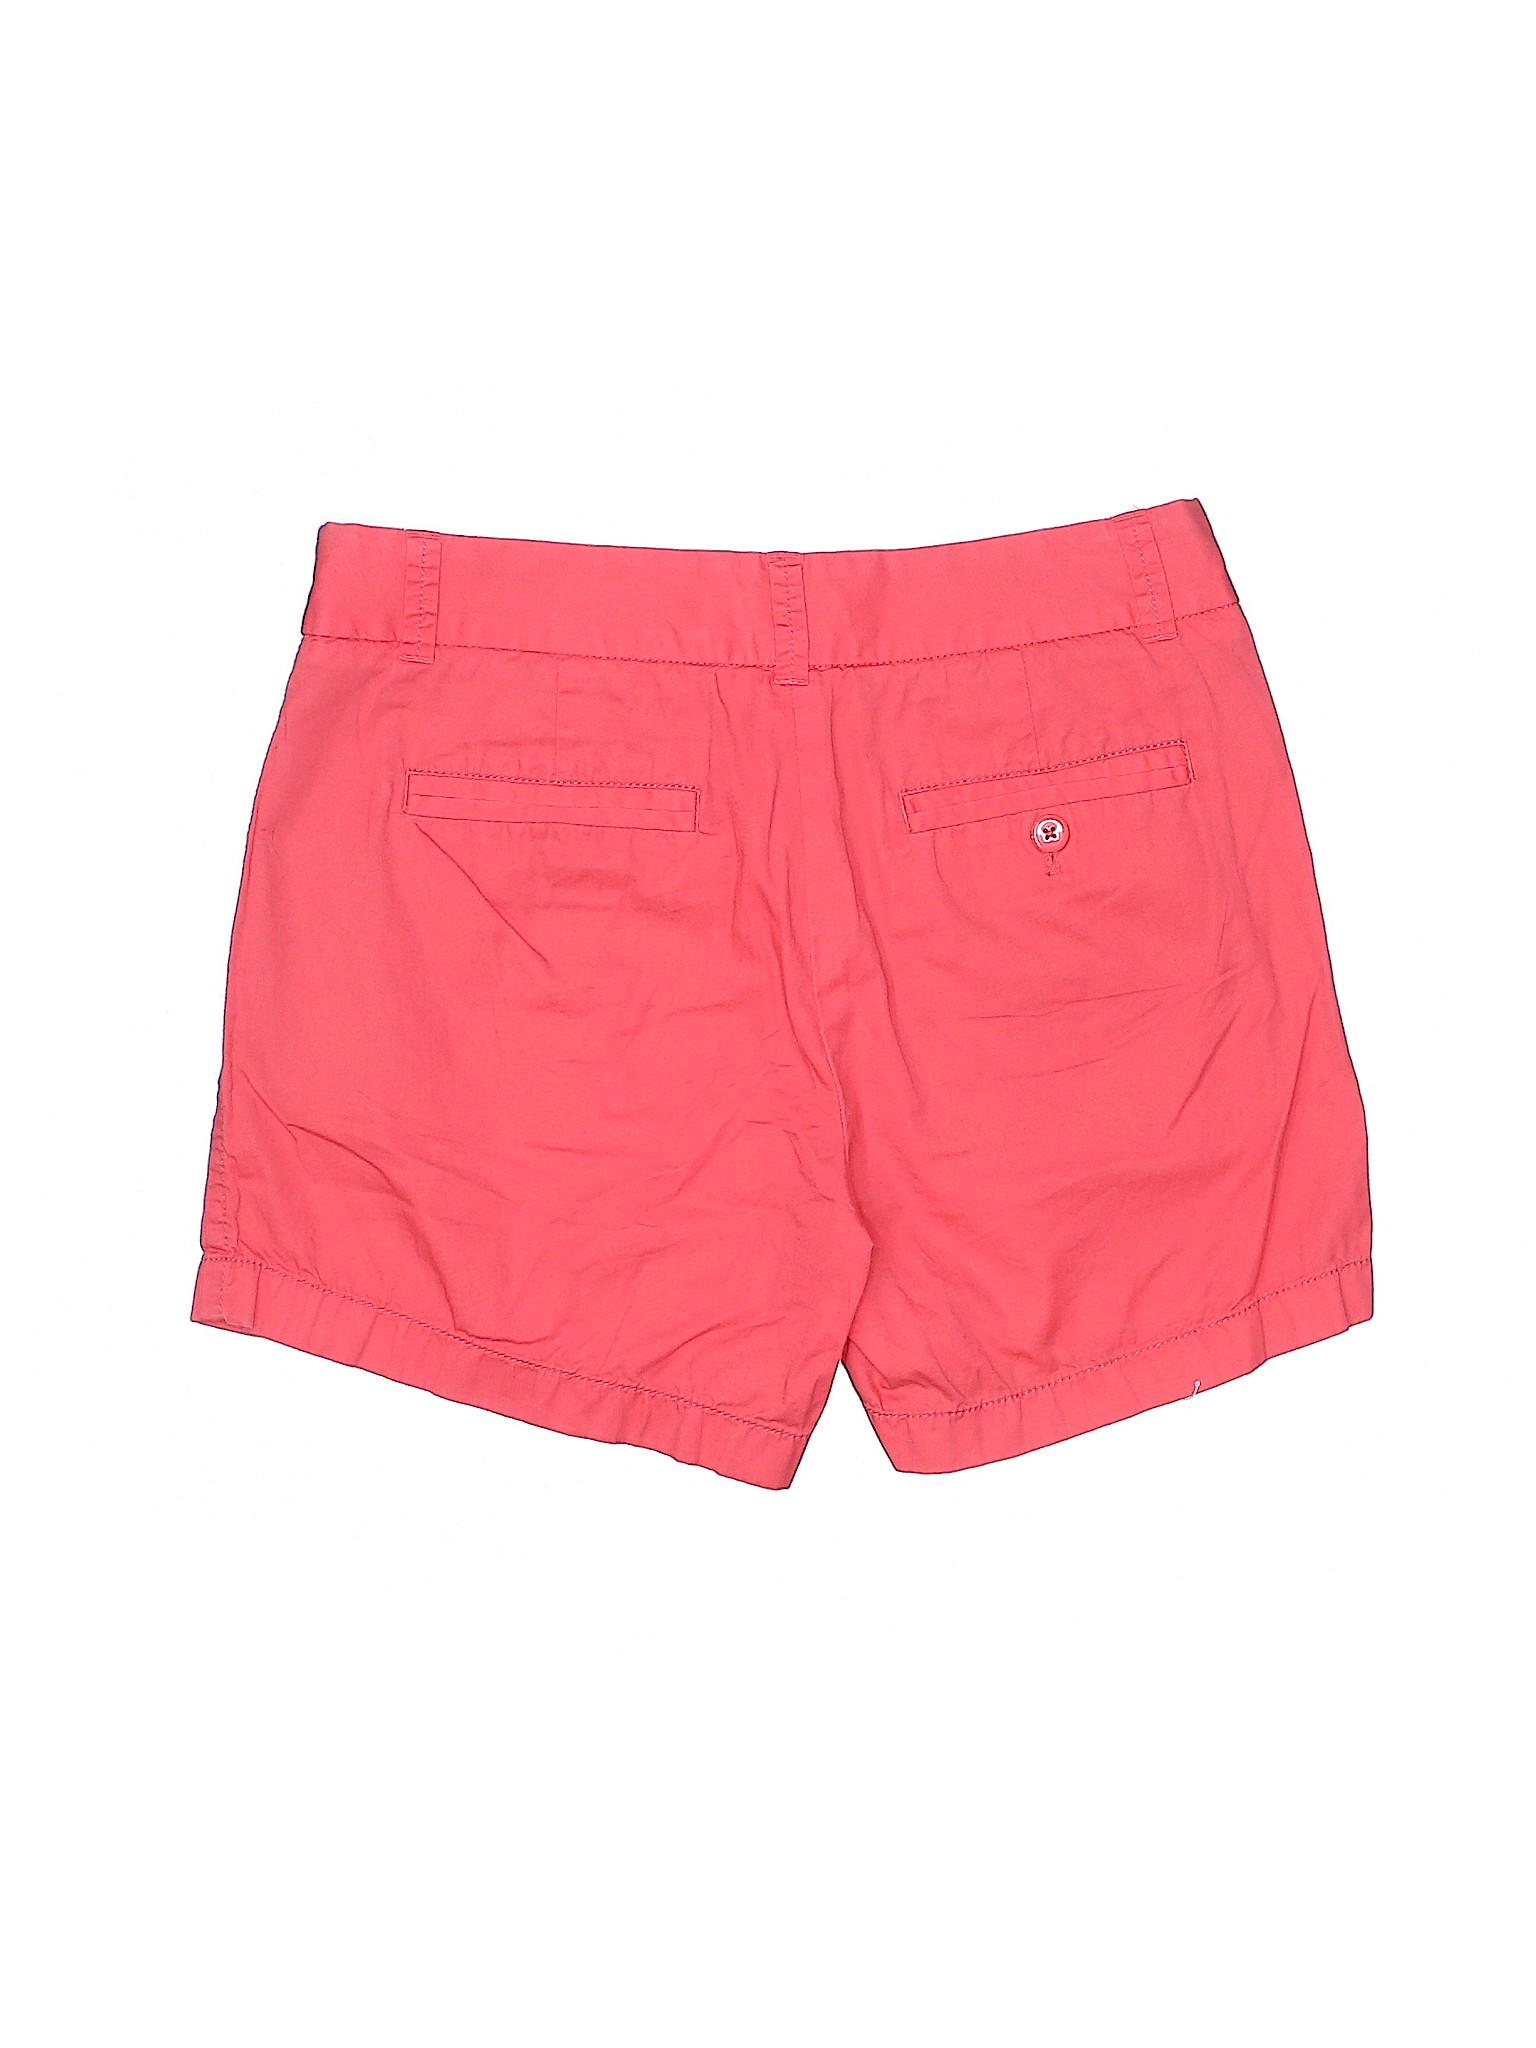 Crew Boutique J Boutique Shorts Khaki J T8qxpZ4W5